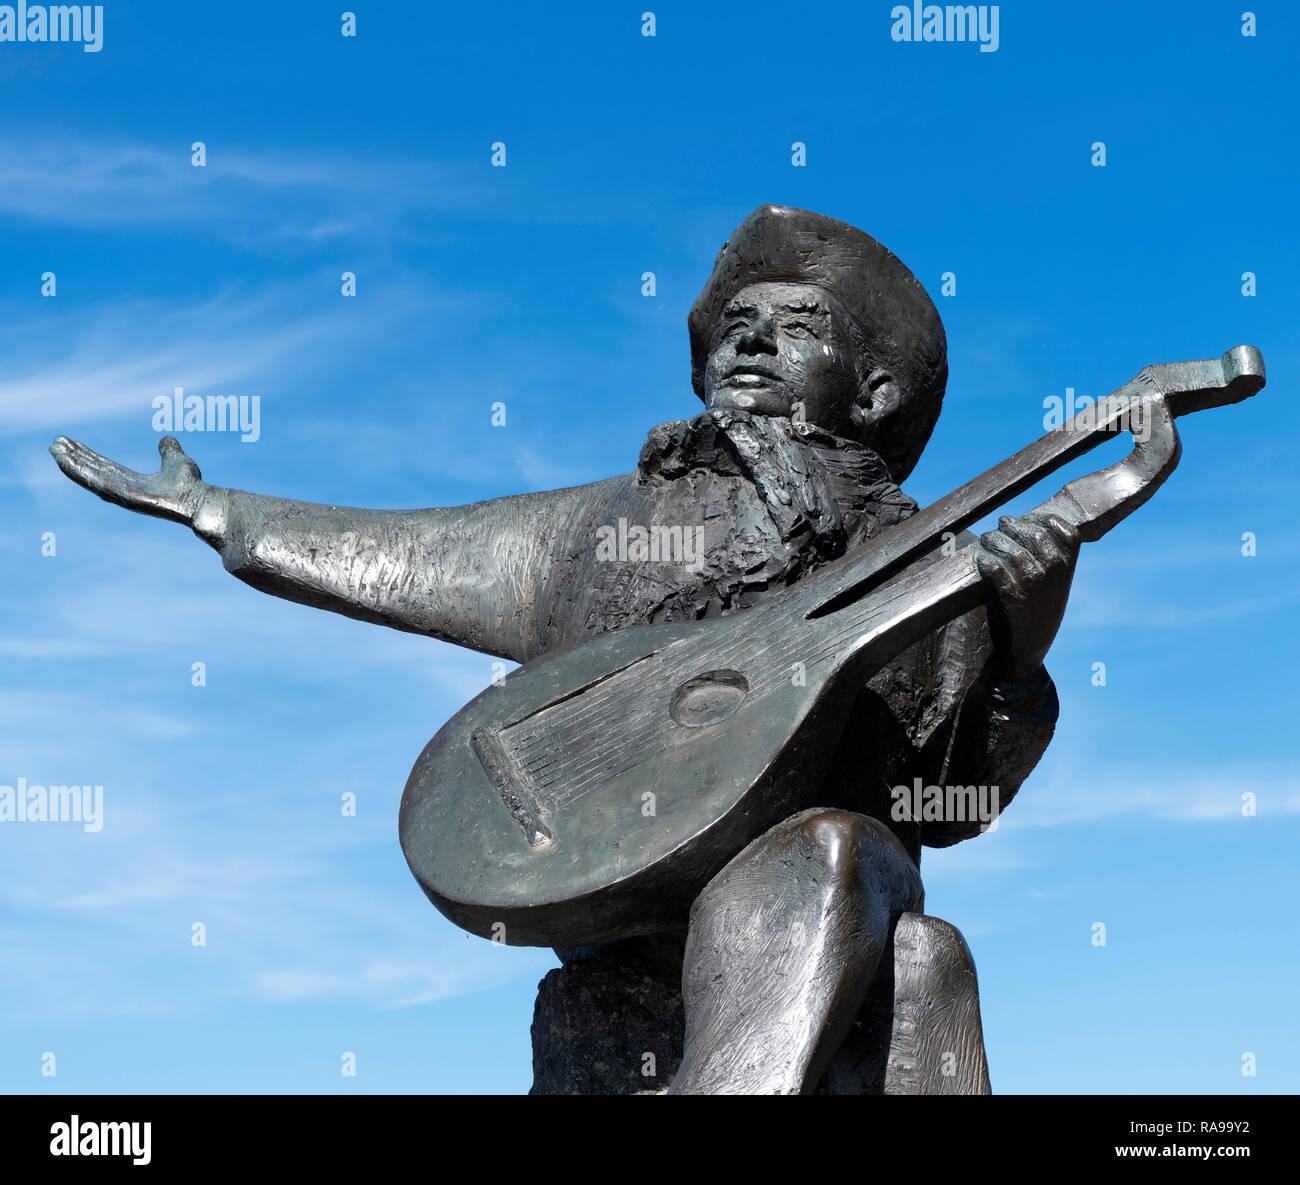 Statue von Evert Taubes Wiedergabe der Laute, Evert Taubes Terrass, Riddarholmen, Stockholm, Schweden Stockbild